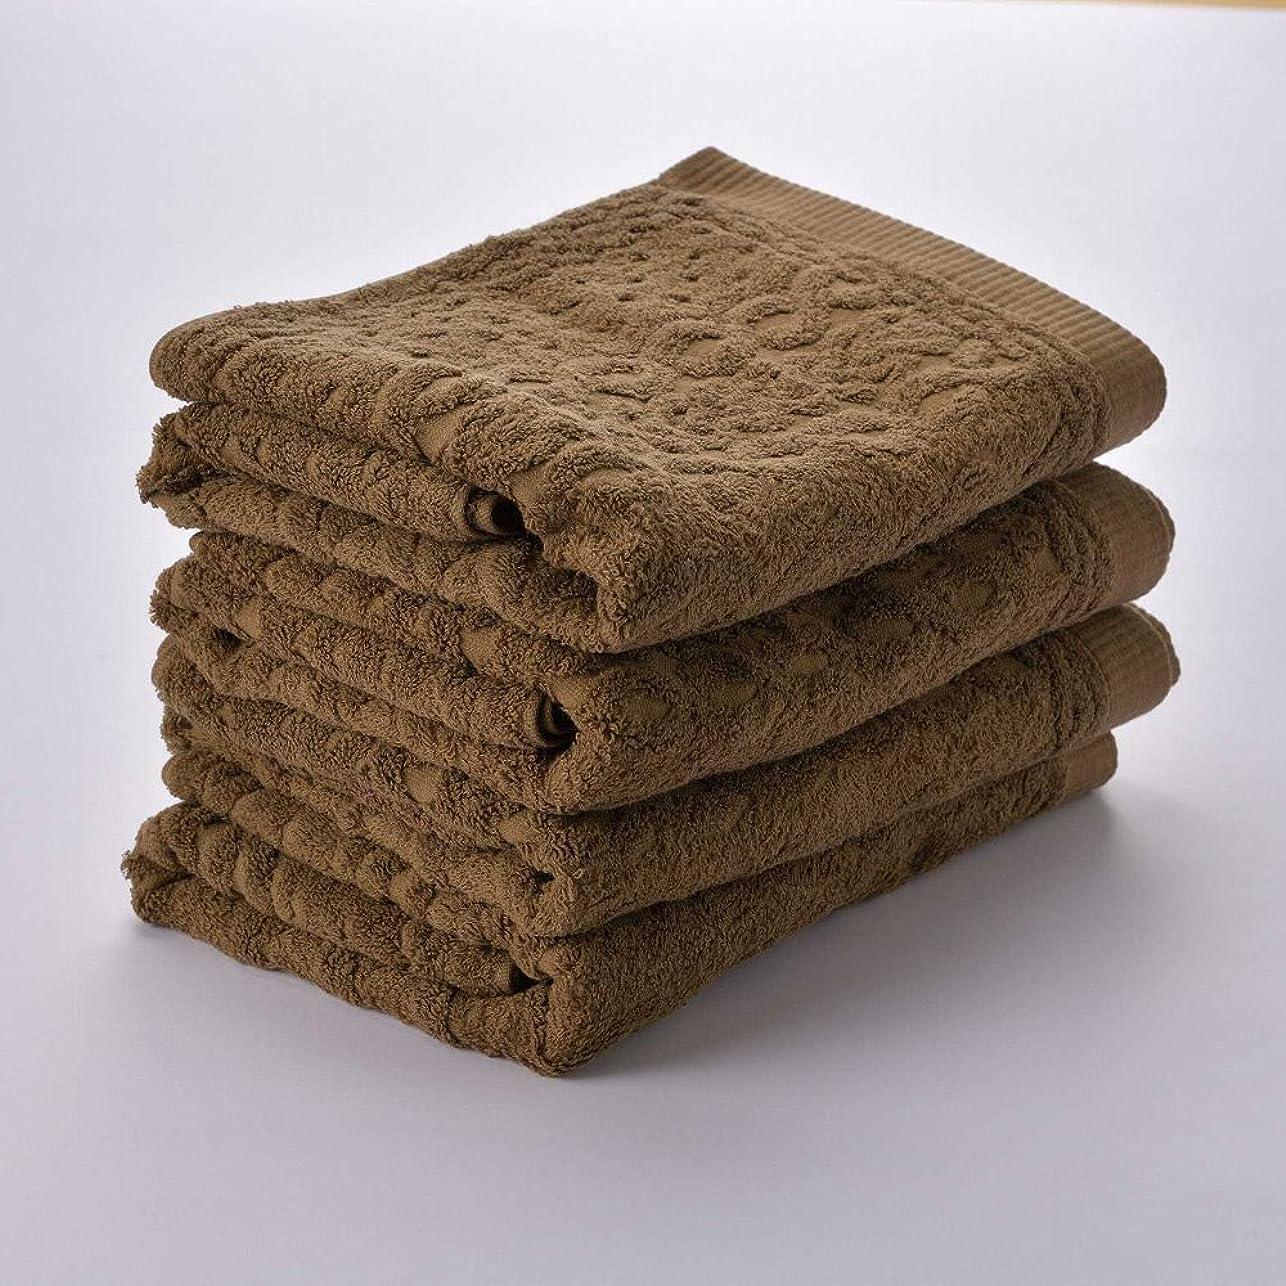 ガイドライン概要平等日繊商工 今治タオル ニット バスタオル 4枚セット ブラウン knit_b4set_br